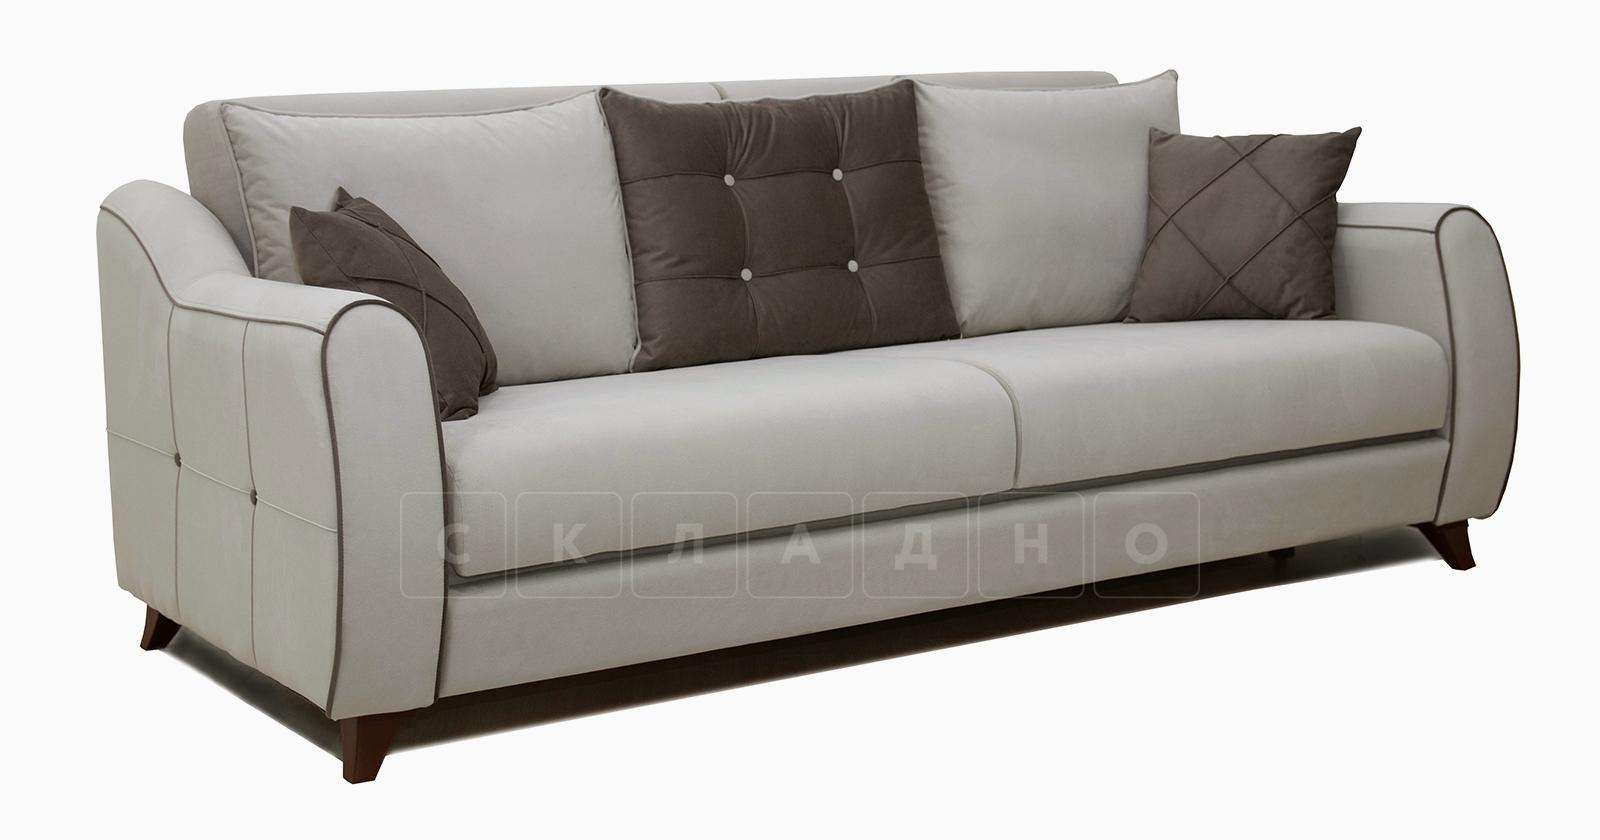 Диван-кровать Флэтфорд серо-бежевый фото 1 | интернет-магазин Складно